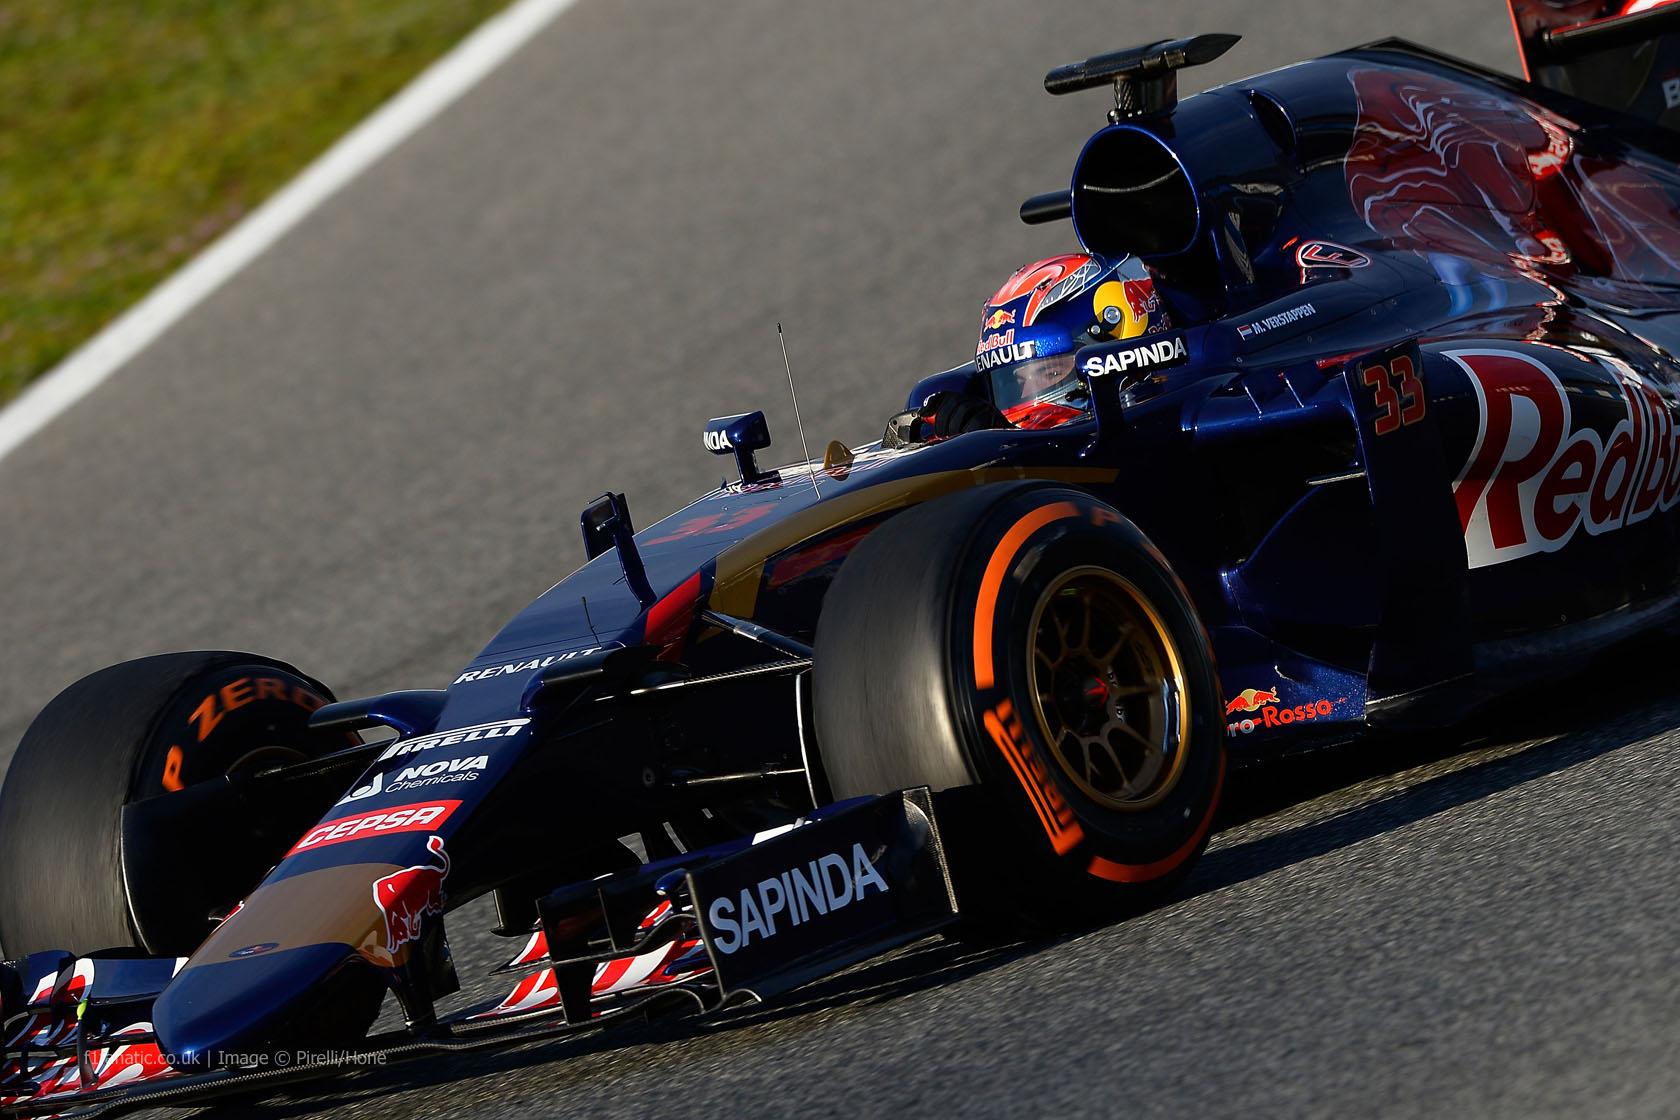 Max Verstappen, Toro Rosso, Circuito de Jerez, 2015